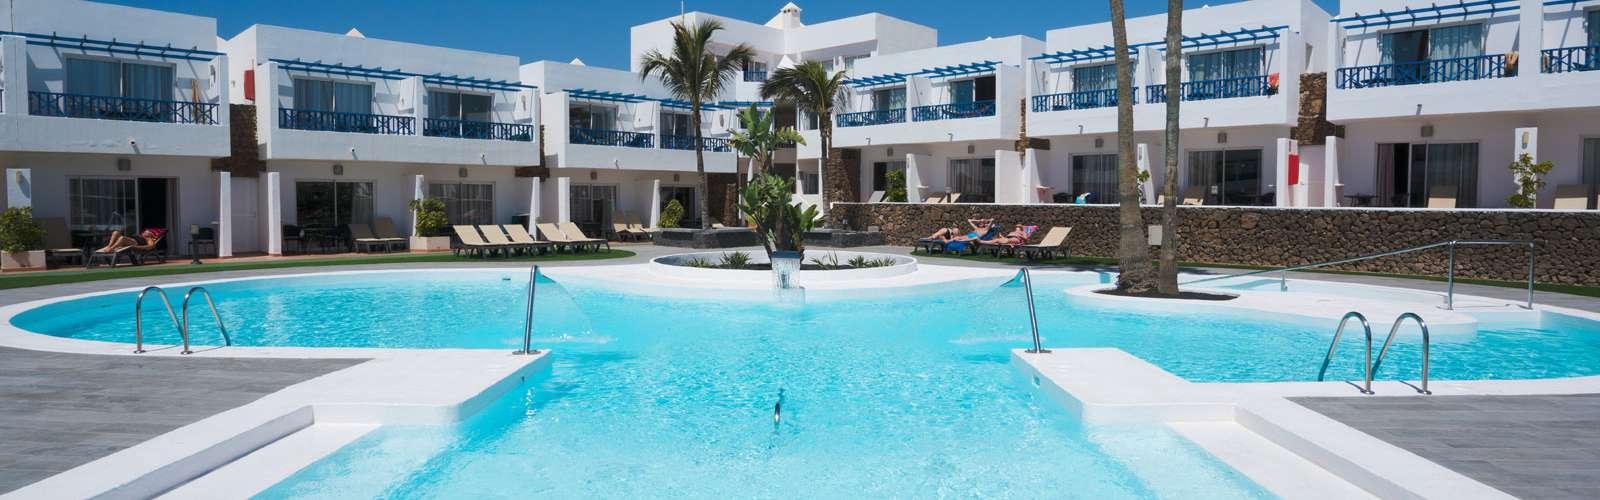 Ofertas Hoteles Lanzarote Sólo Adultos | Club Siroco